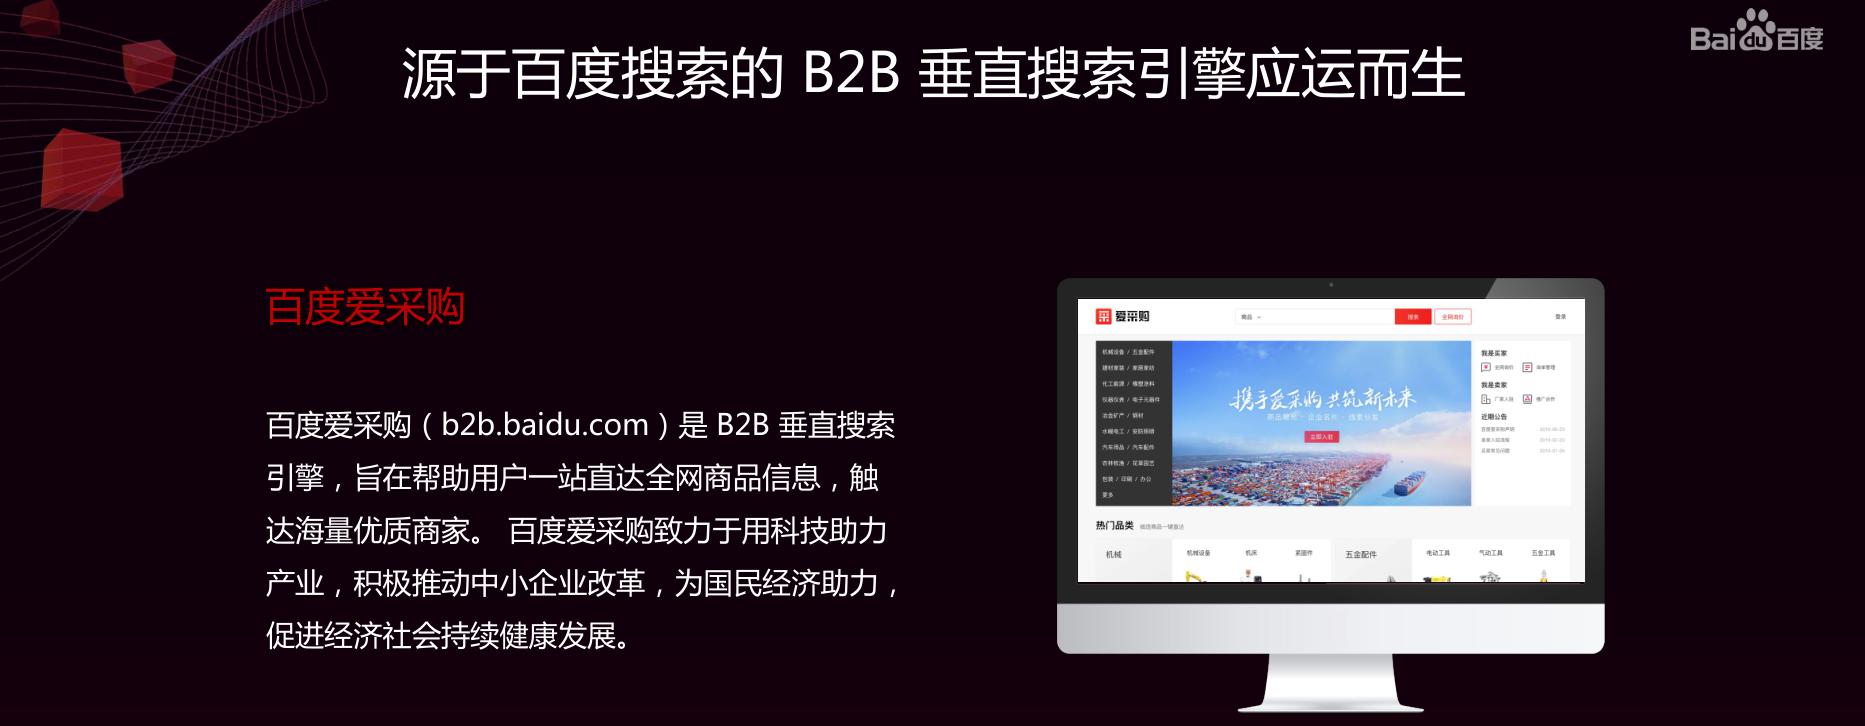 http://www.weixinrensheng.com/kejika/2444732.html